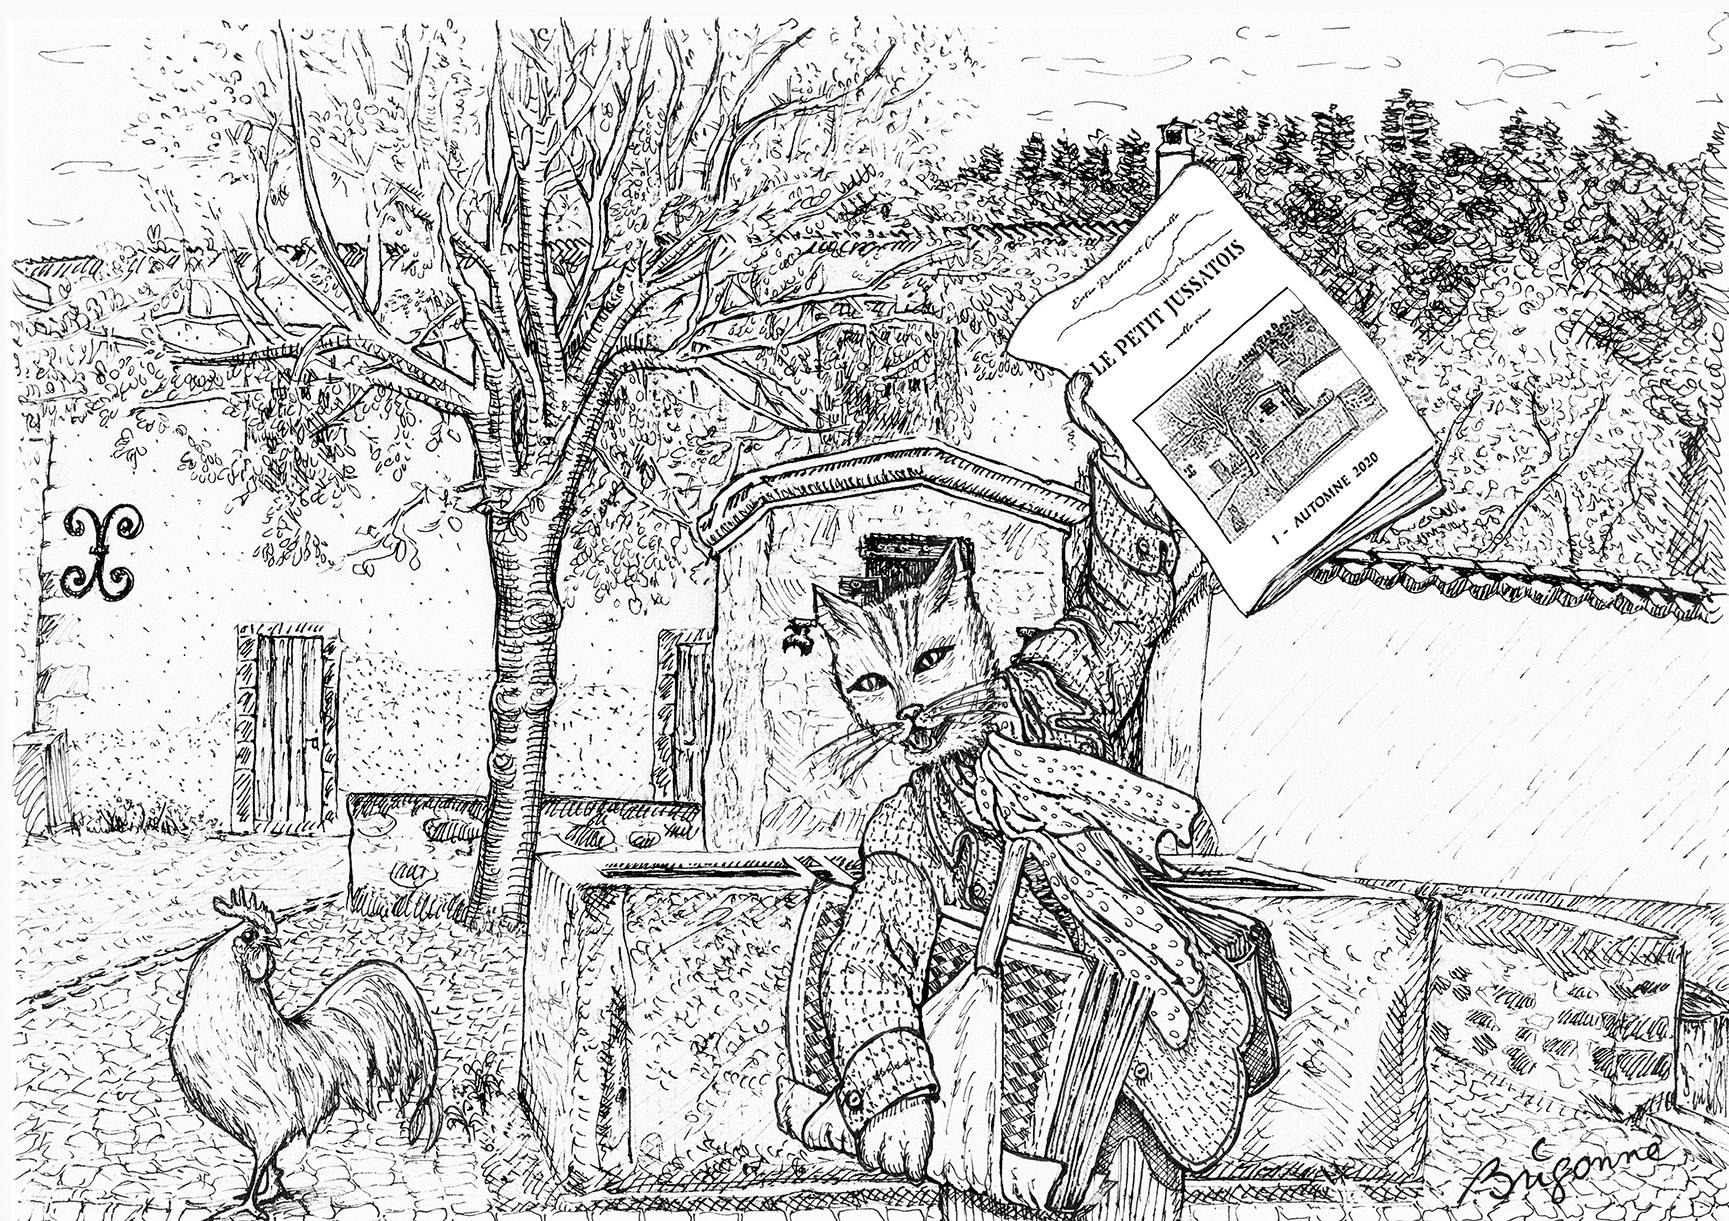 Jussat, Chanonat : illustrations parues dans Le Petit Jussatois, de l'automne 2020 à l'été 2021